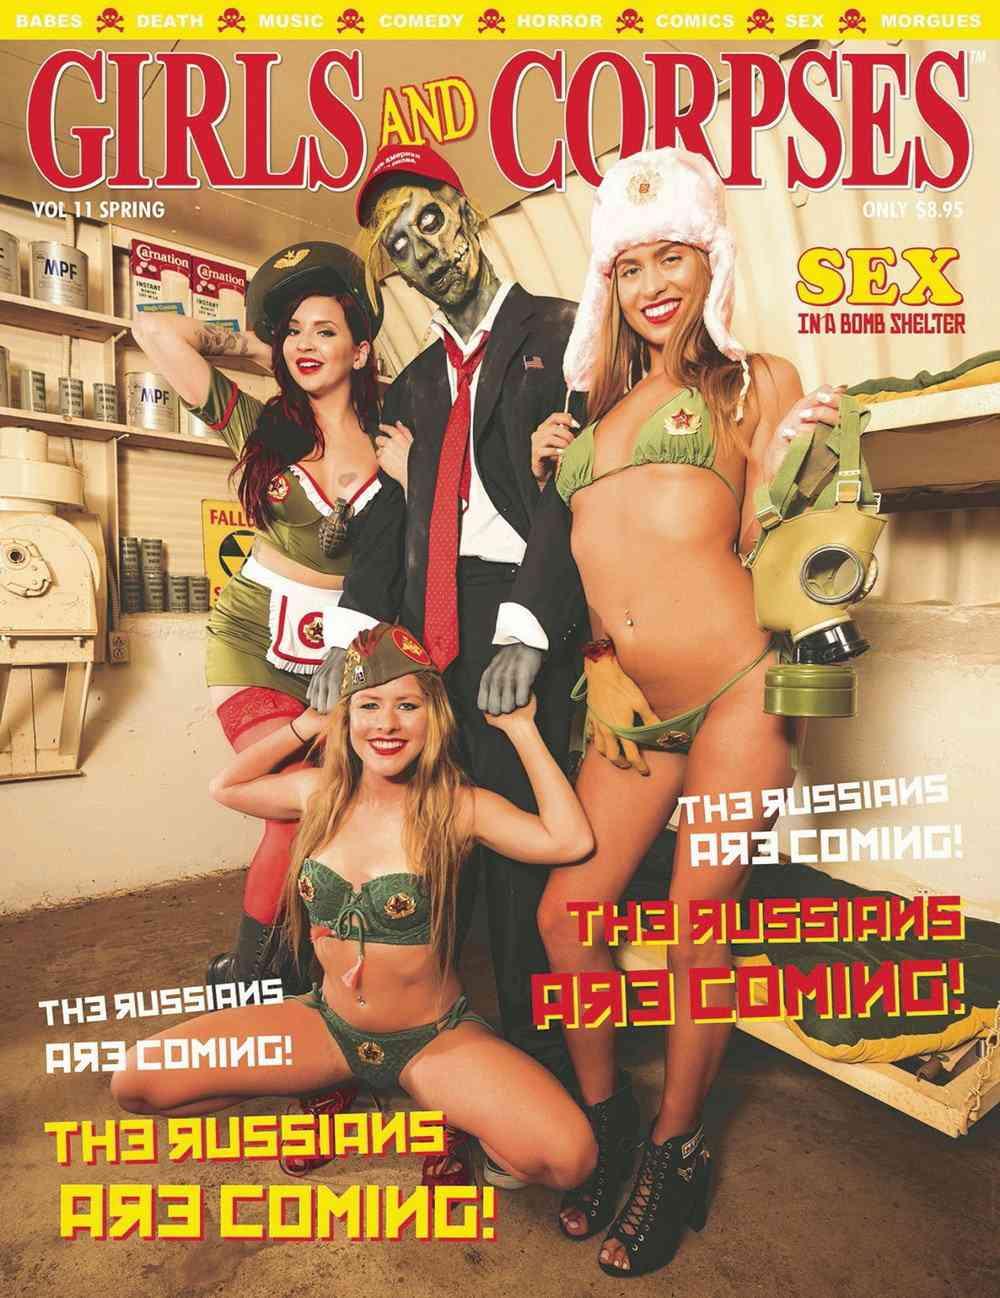 0 1e8d88 8652ca3 orig Nicho é tudo: Revista de fotos eróticas com zumbis faz sucesso